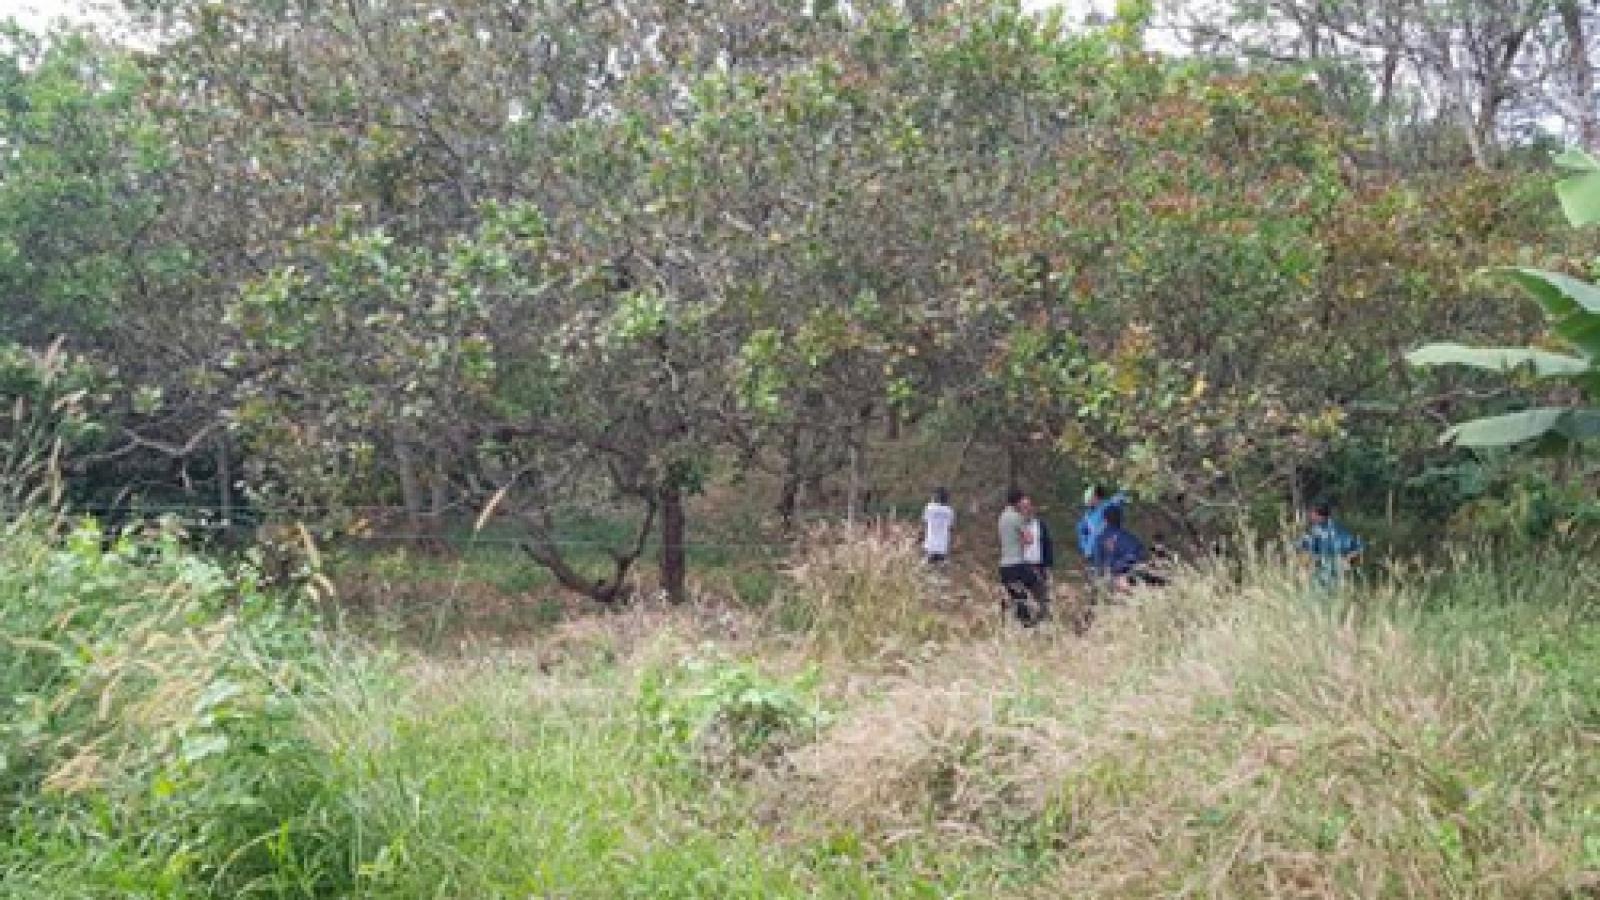 Điều tra làm rõ vụ thi thể người đàn ông trên ngọn cây